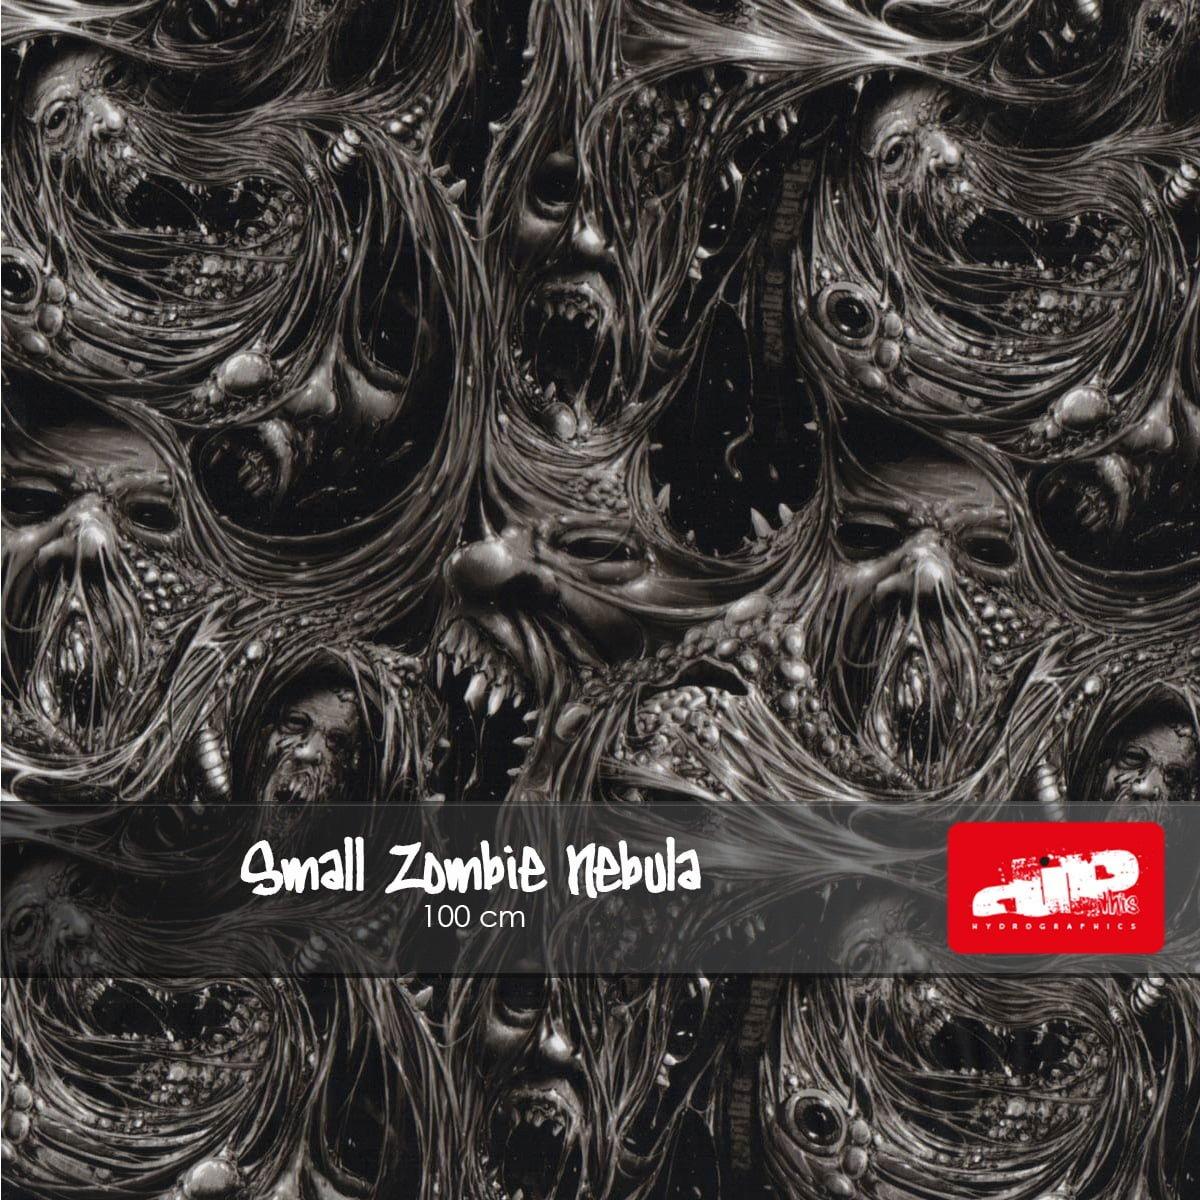 Small Zombie Nebula